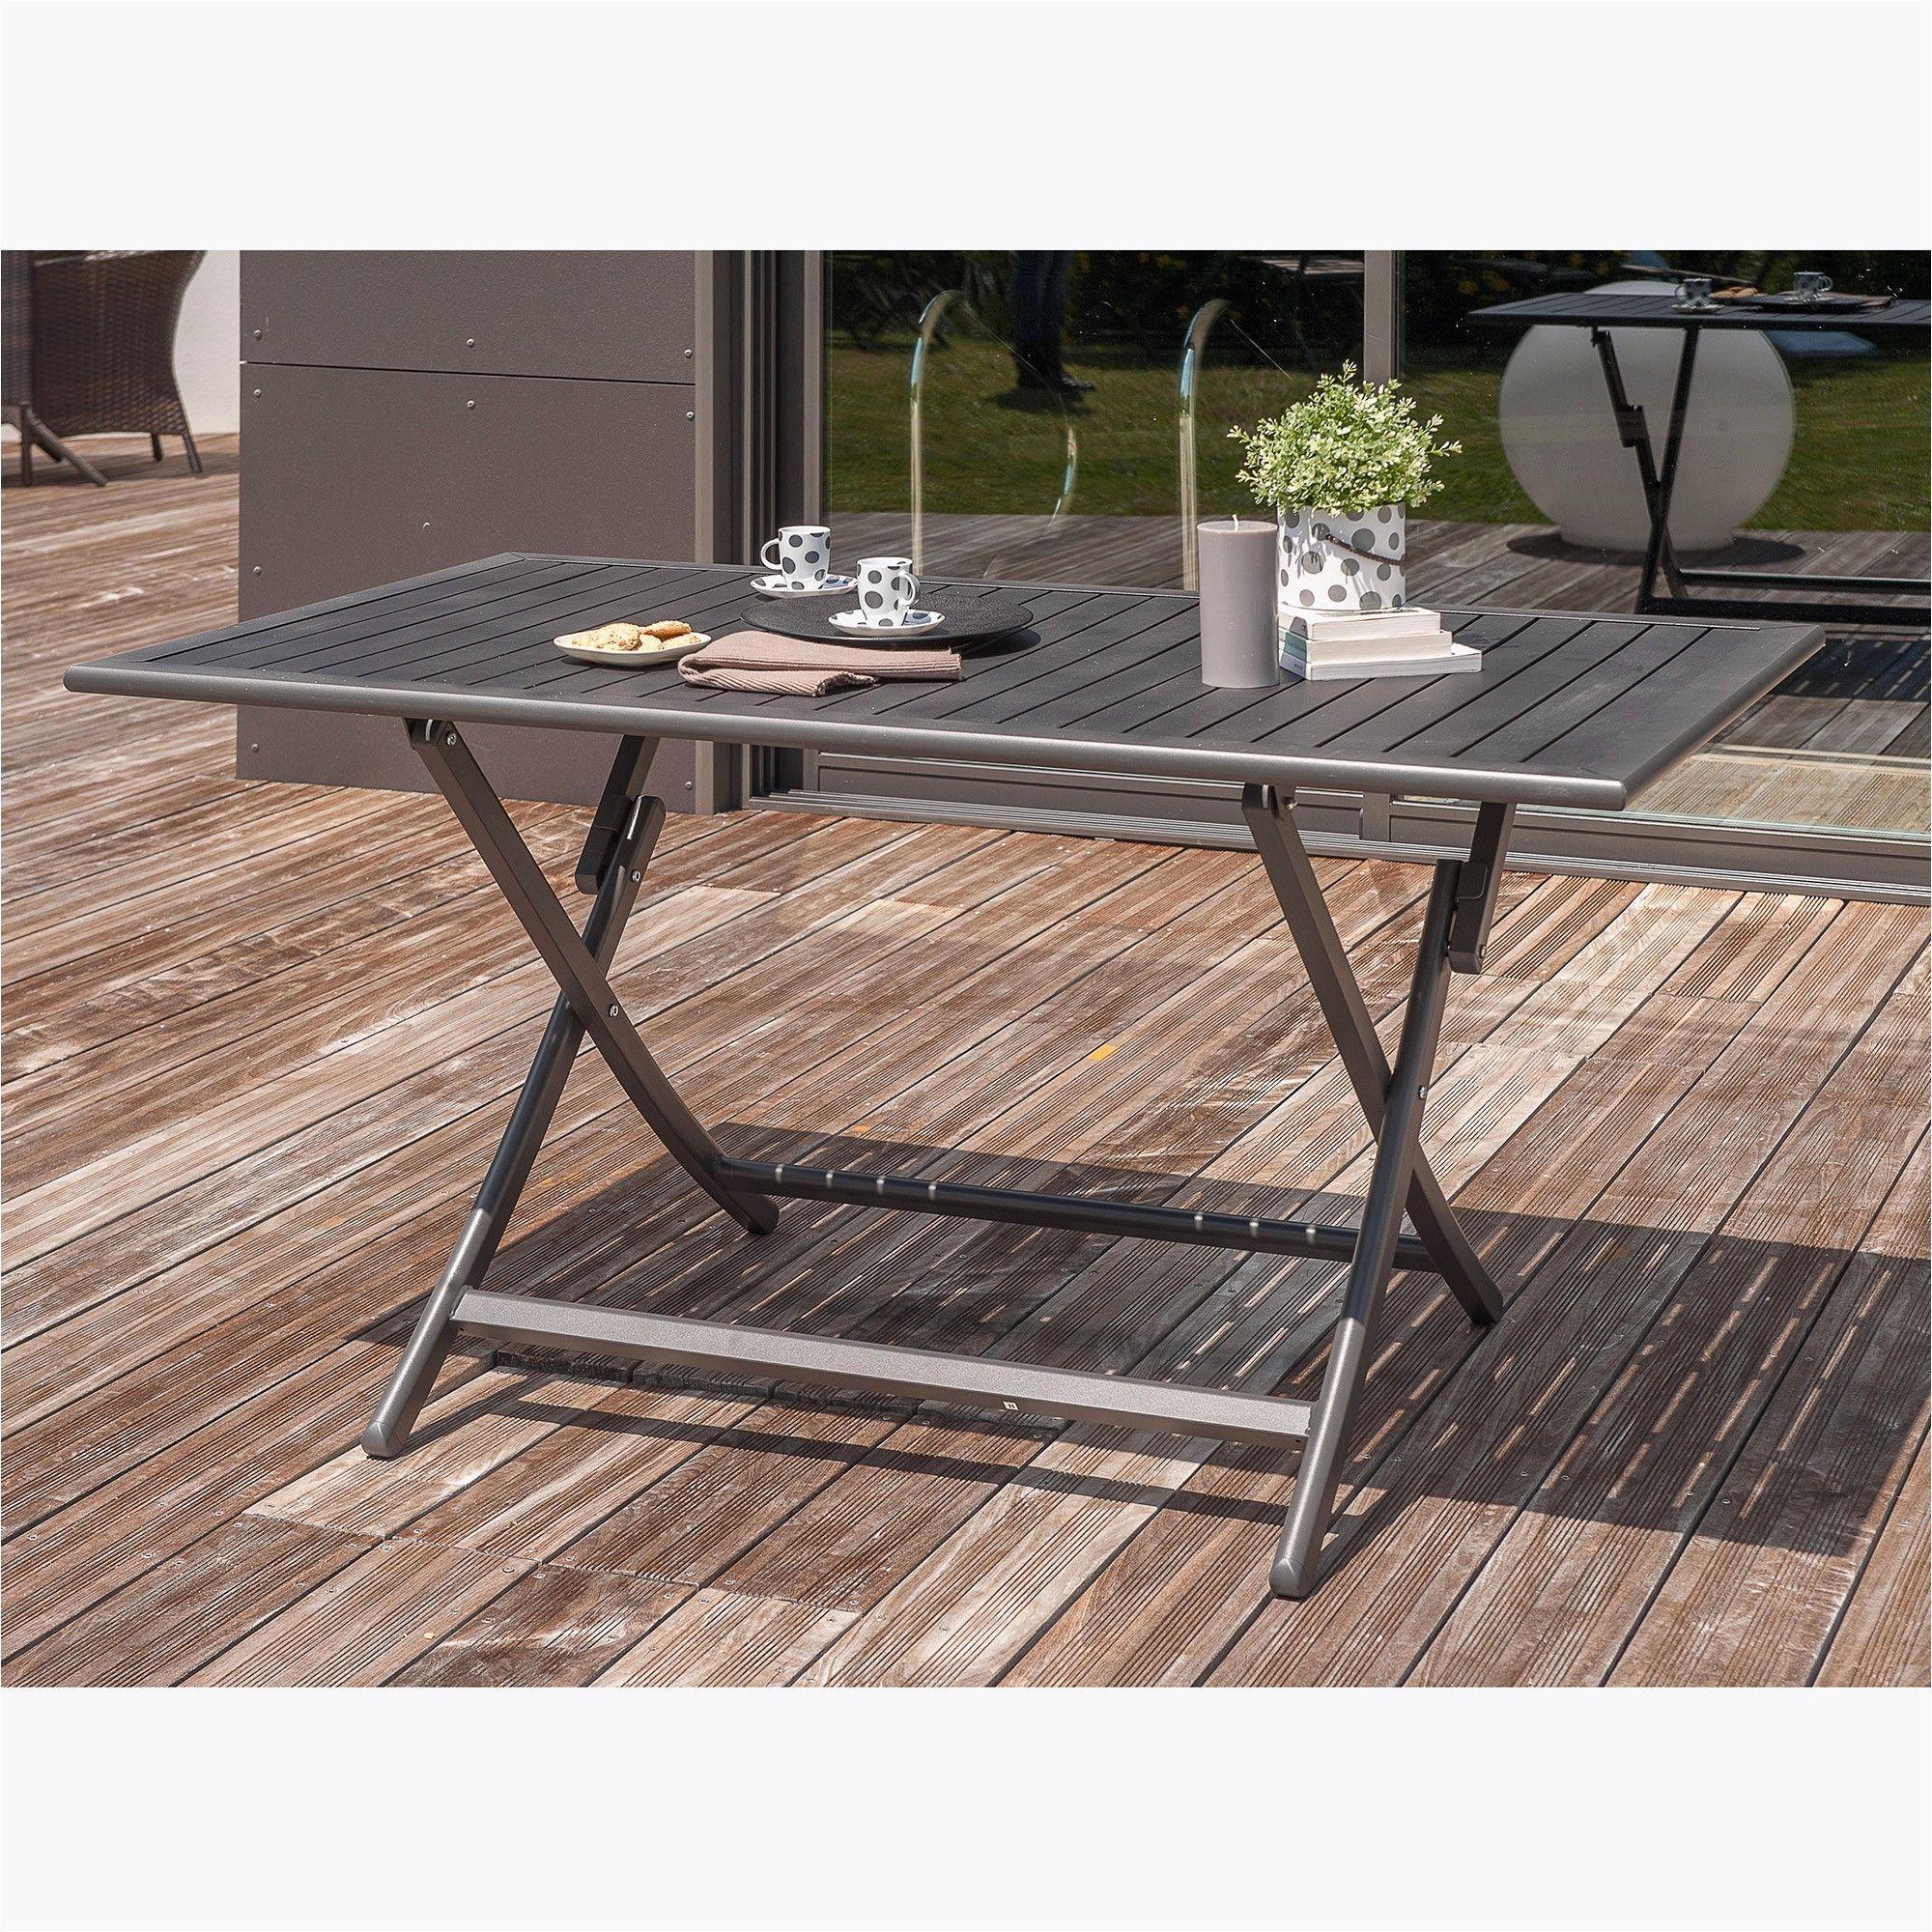 Table Pliante Leclerc Beau S Leclerc Table De Jardin ... destiné Table Et Chaises De Jardin Leclerc